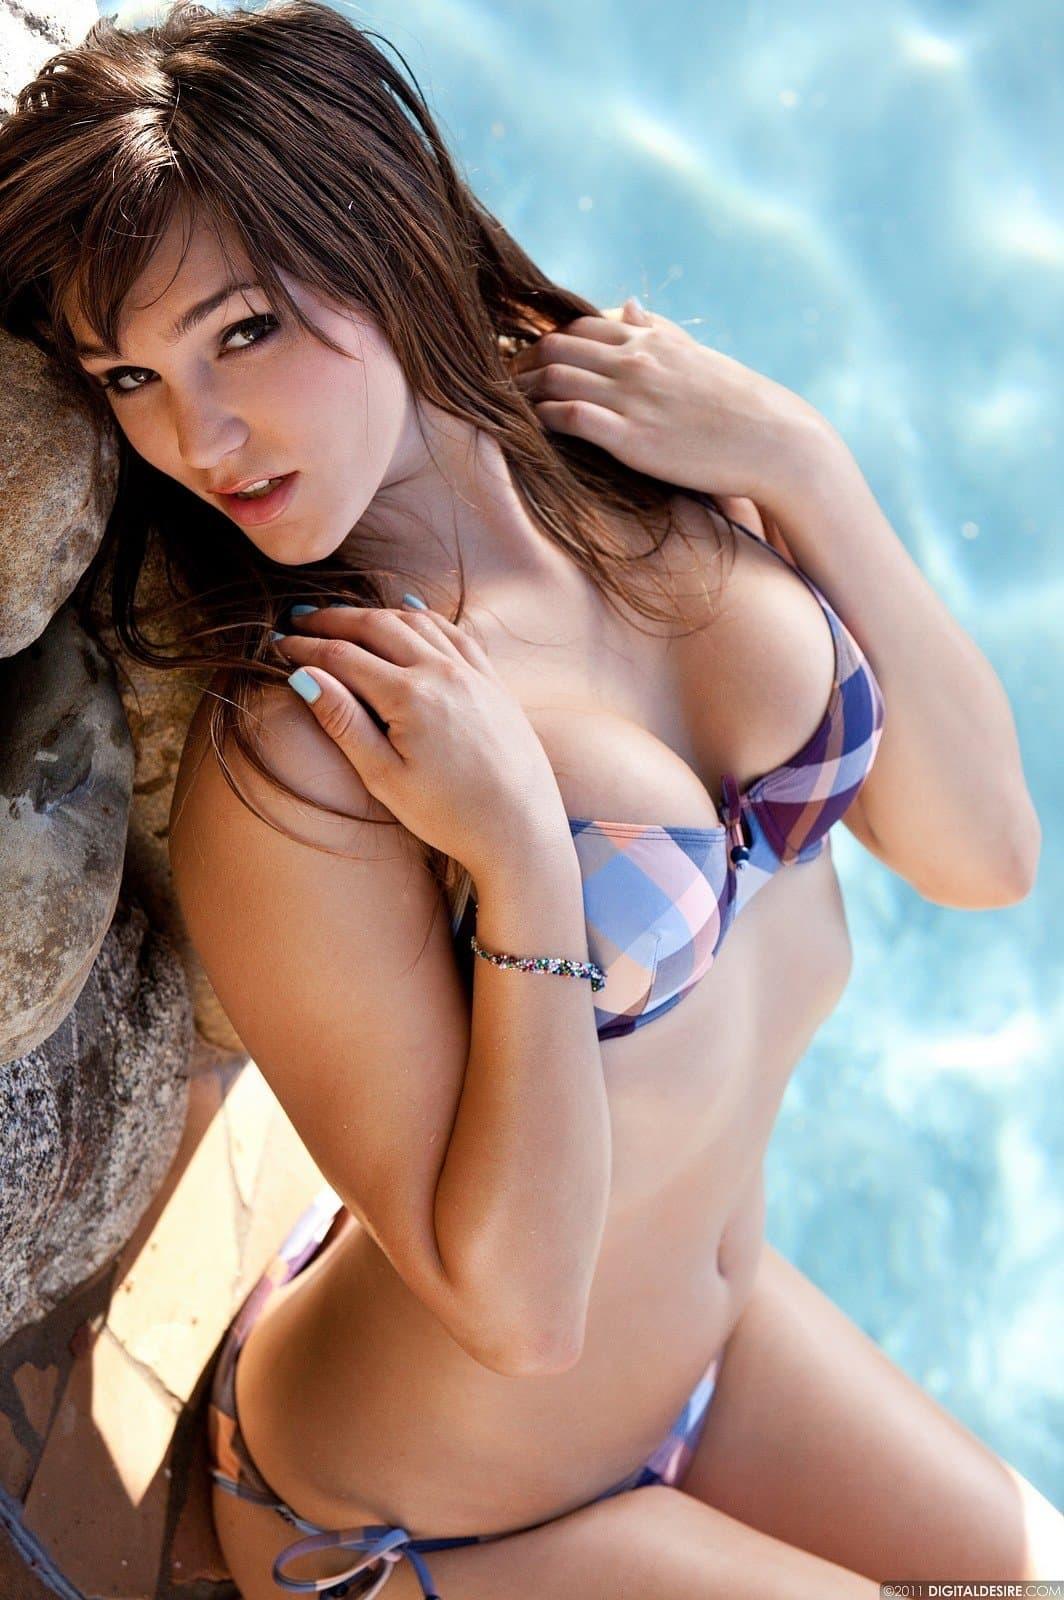 Красивая шатенка сняла купальник у бассейна - фото